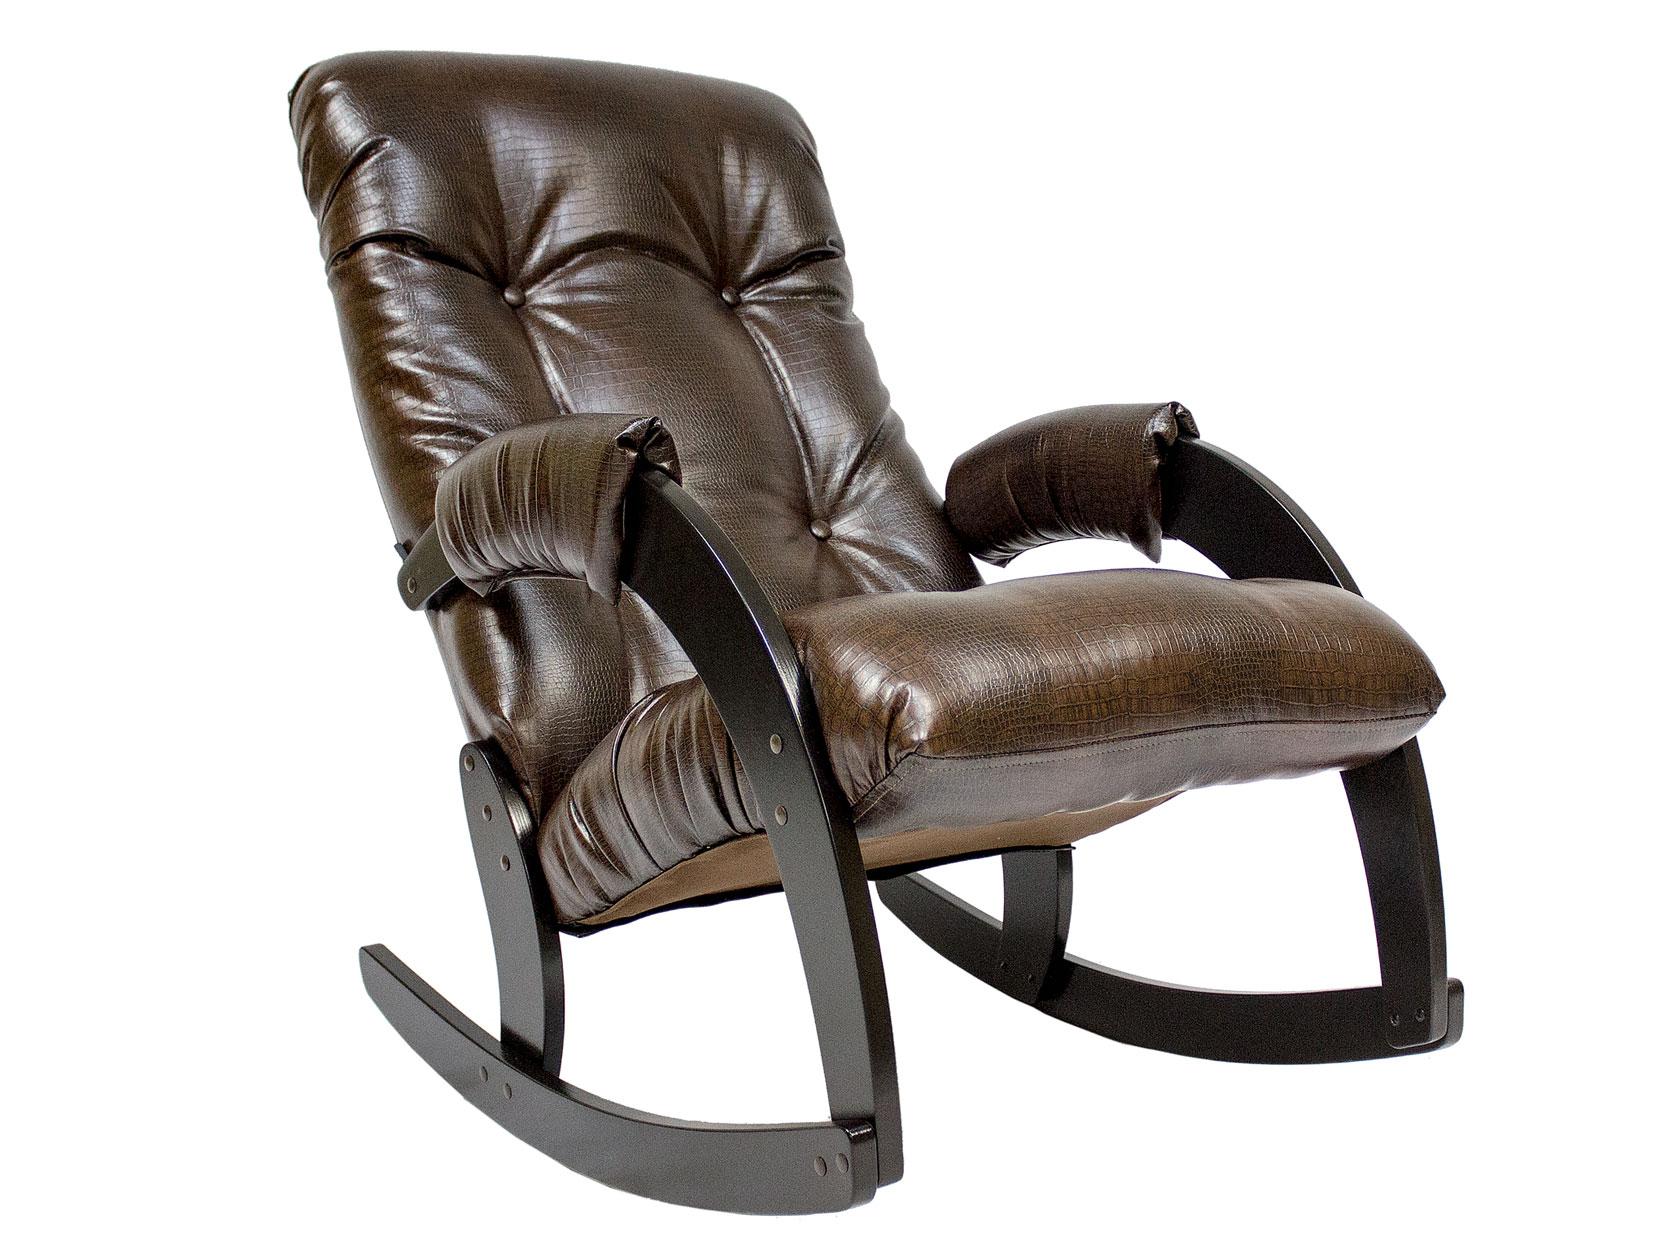 Кресло-качалка Мебель Импэкс Кресло-качалка Комфорт Модель 67 венге, Antic Crocodile